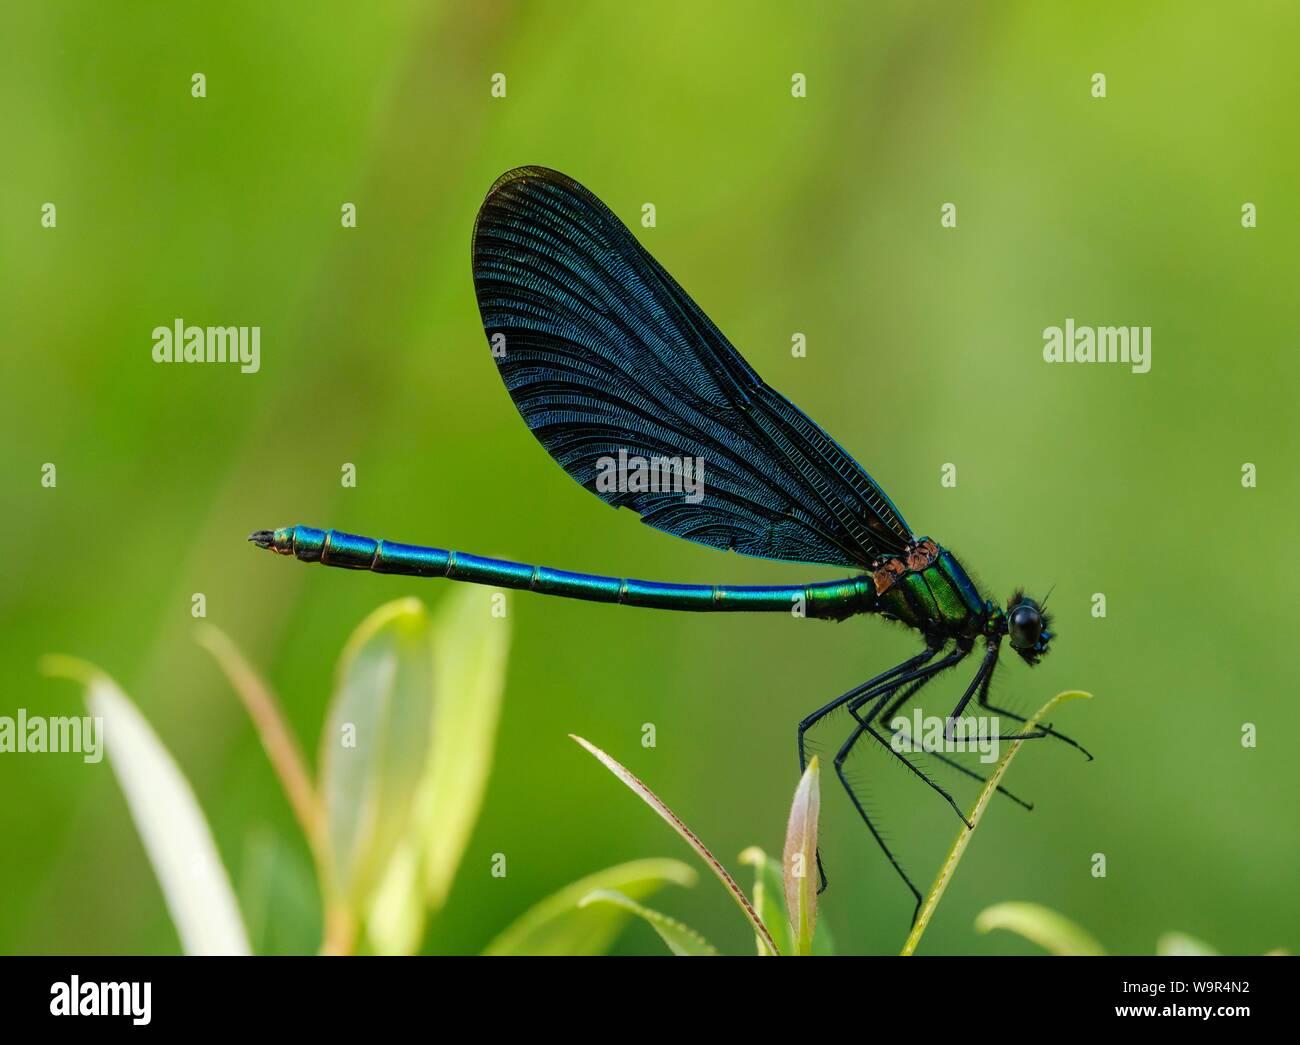 Belle demoiselle (Calopteryx virgo), homme, réserve naturelle Isarauen, Bavière, Allemagne Banque D'Images